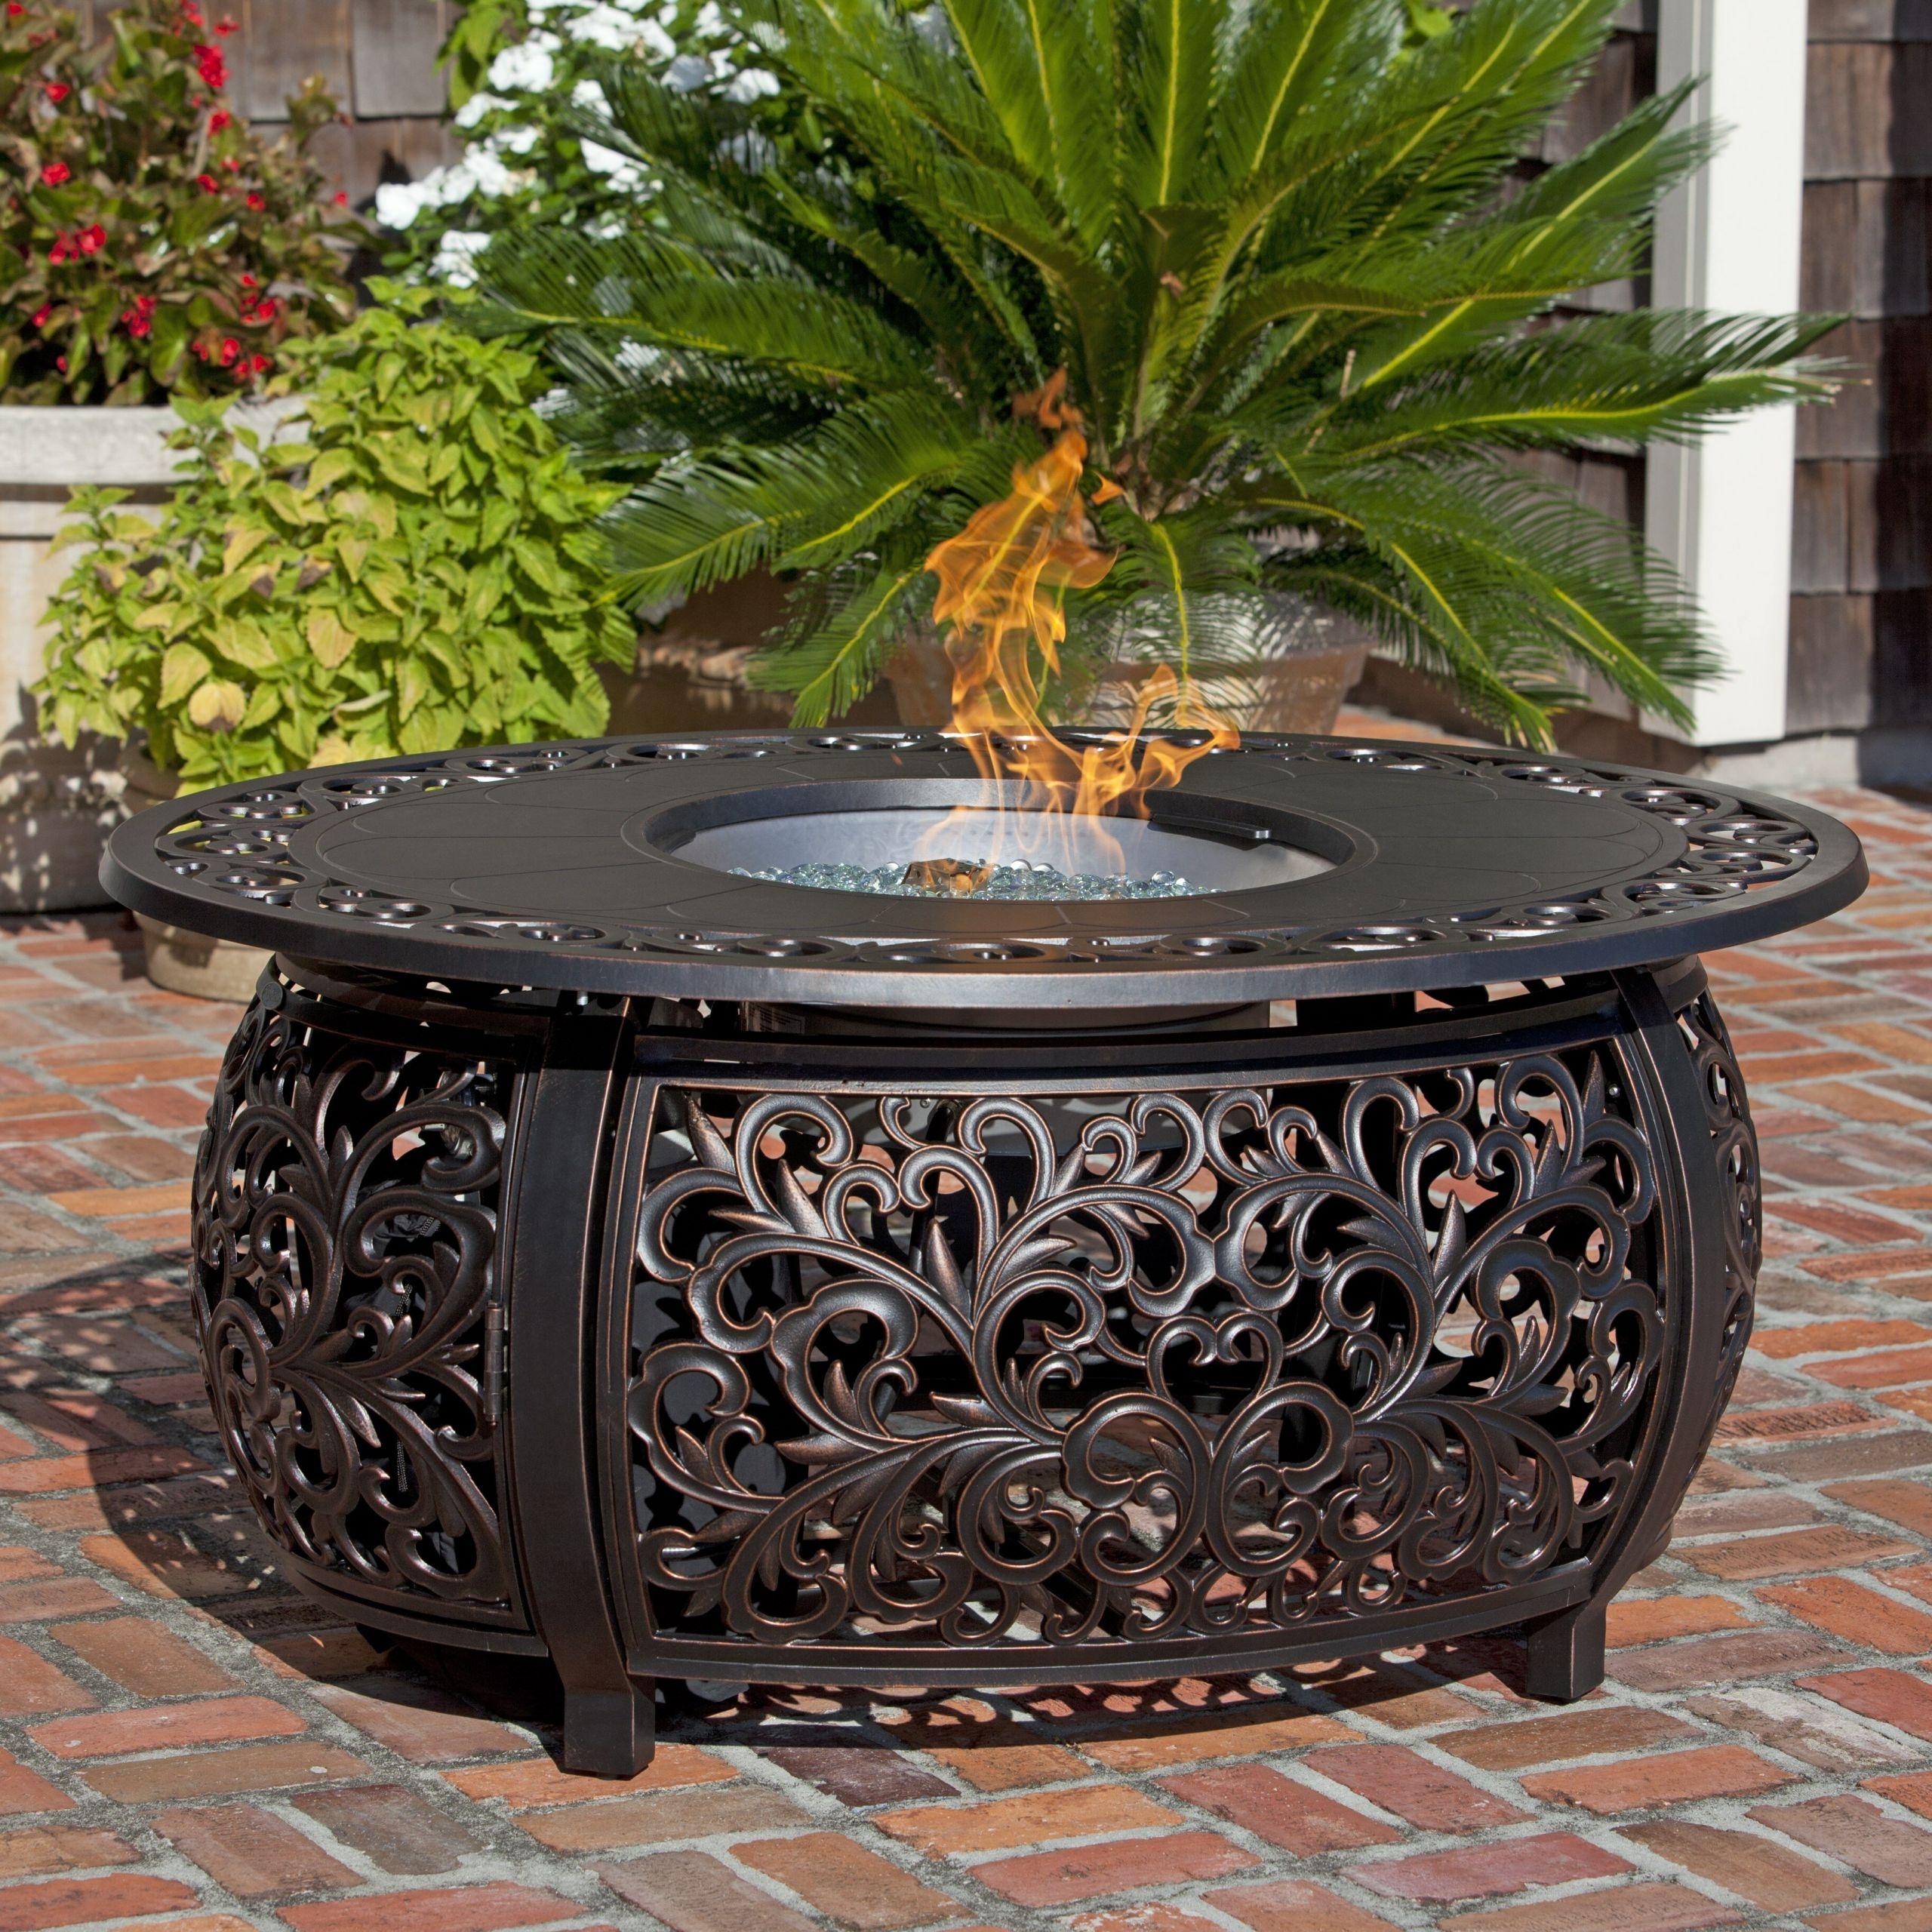 Propane Fire Pit Table Set  Fire Sense Toulon Propane Fire Pit Table